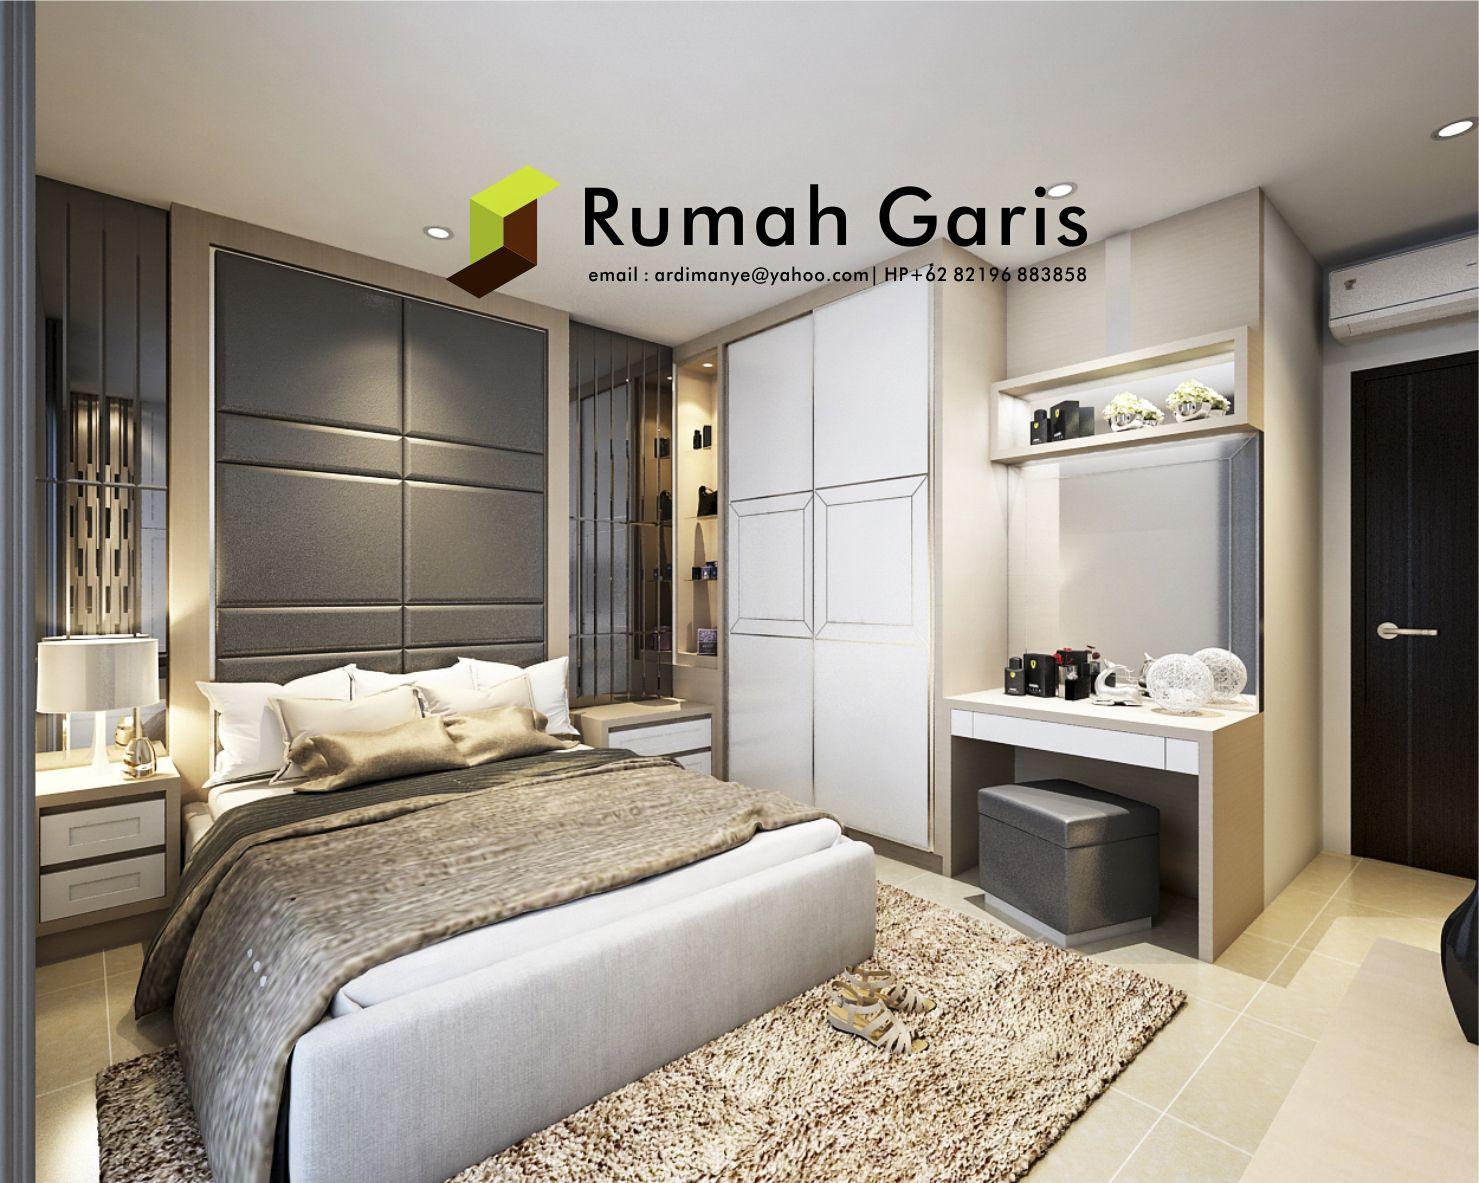 Desain Interior Kamar Tidur Master Bedroom Apartemen Jasarender  # Muebles Andre Kevin